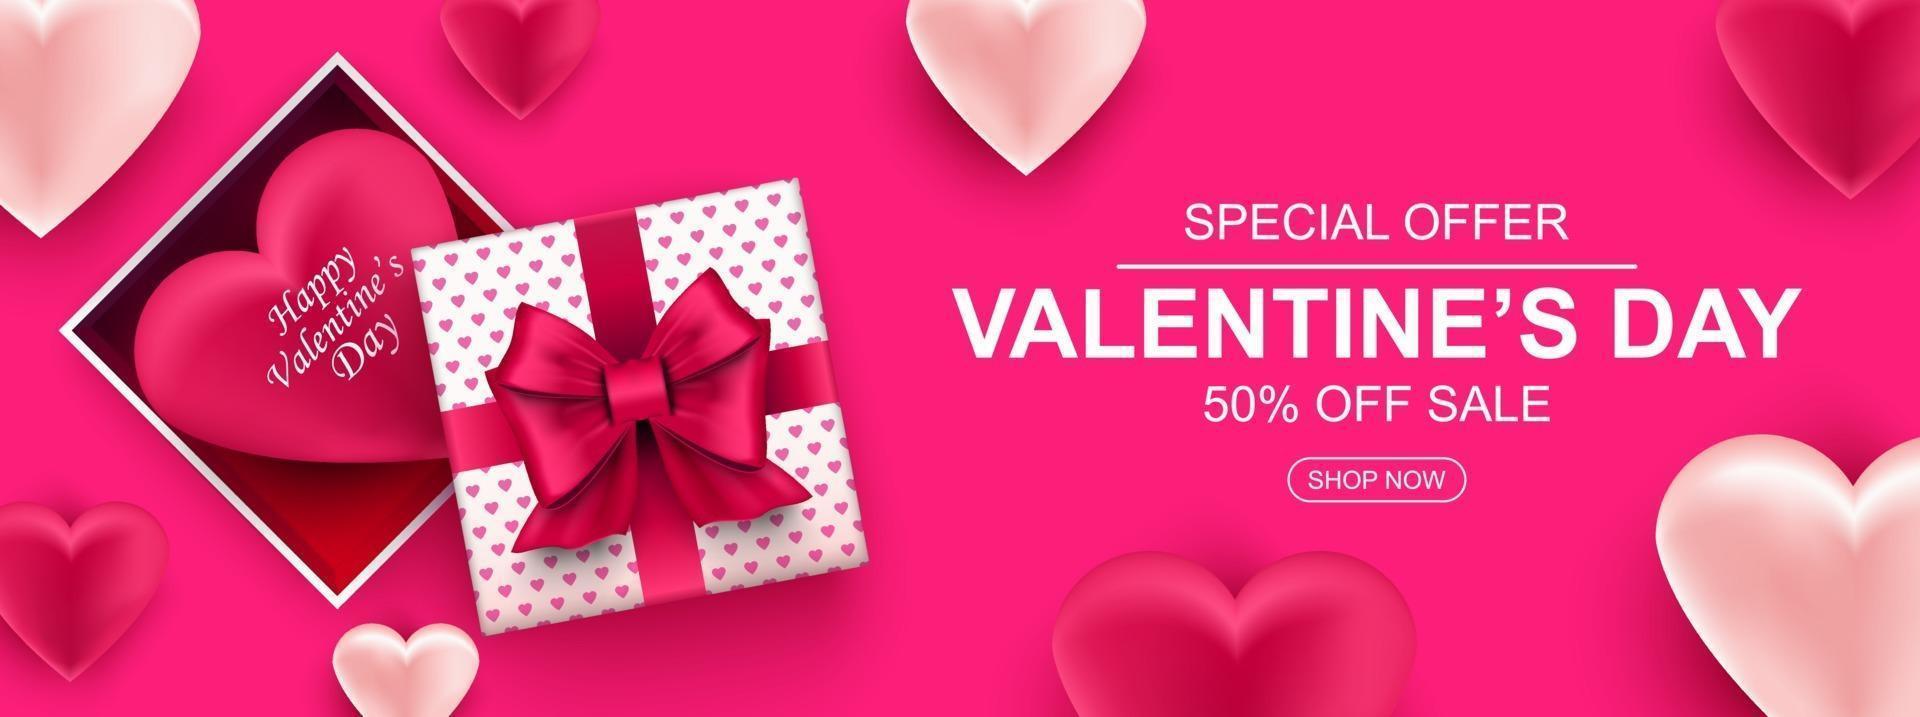 bannière web vente Saint Valentin. boîte-cadeau réaliste avec arc et coeur. vecteur